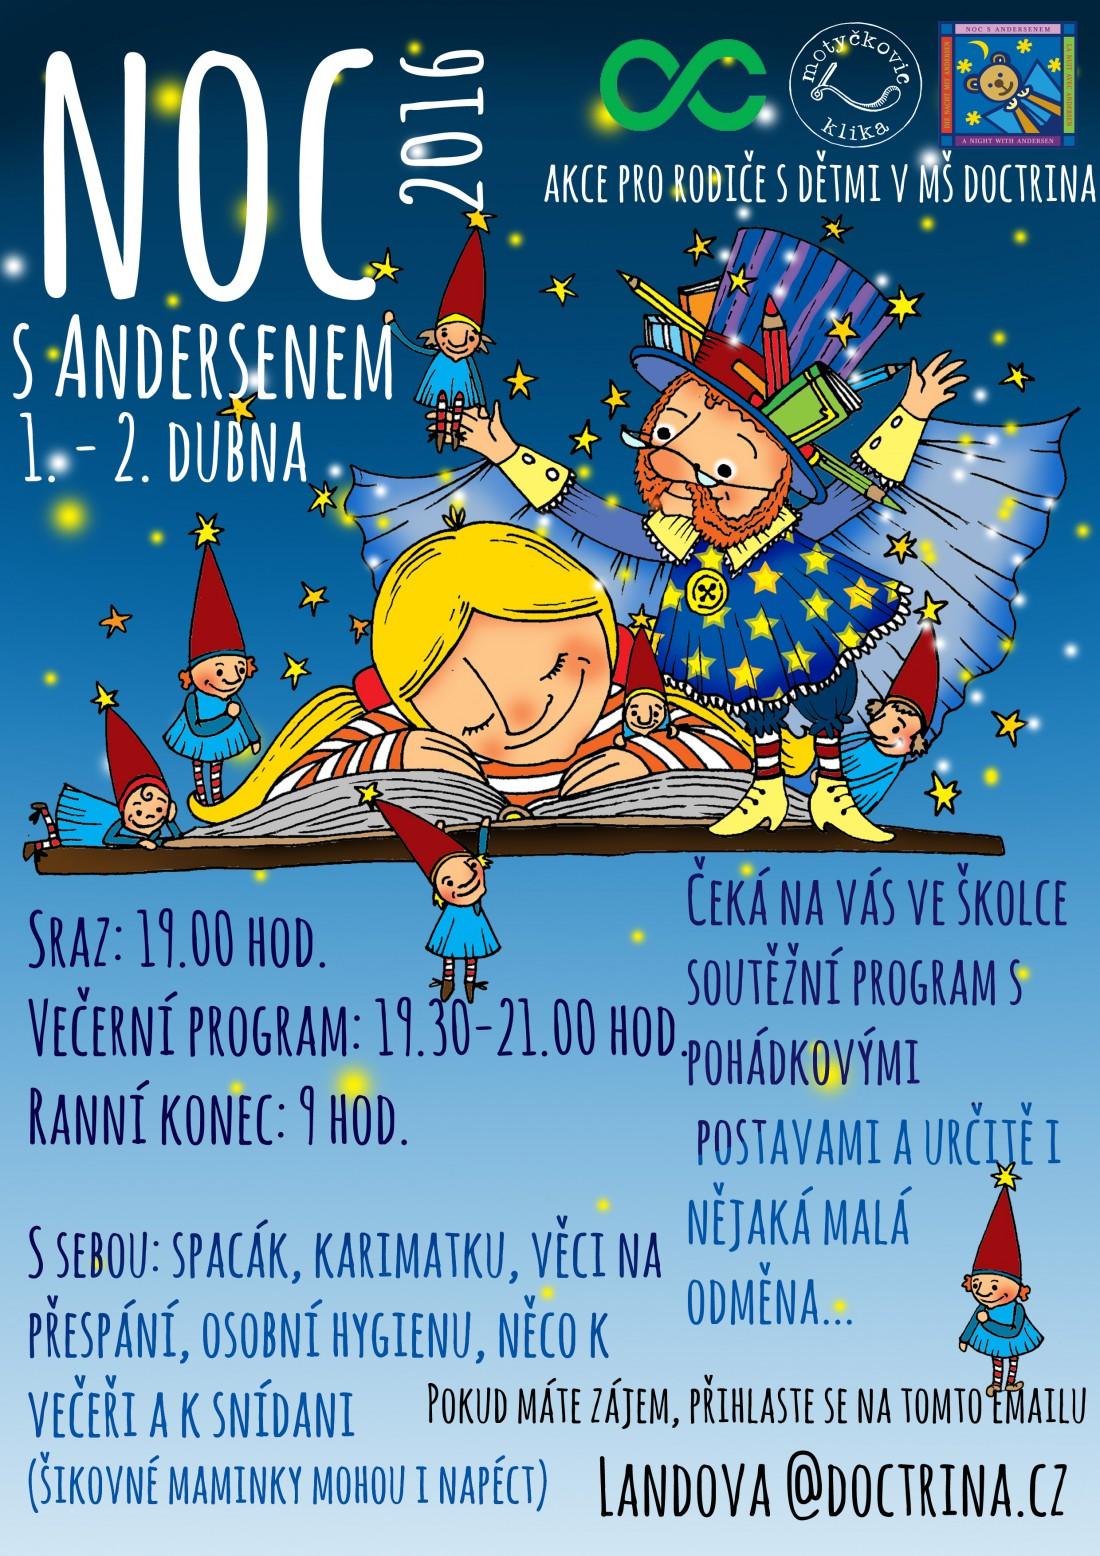 plakát- noc s a 16 (1)